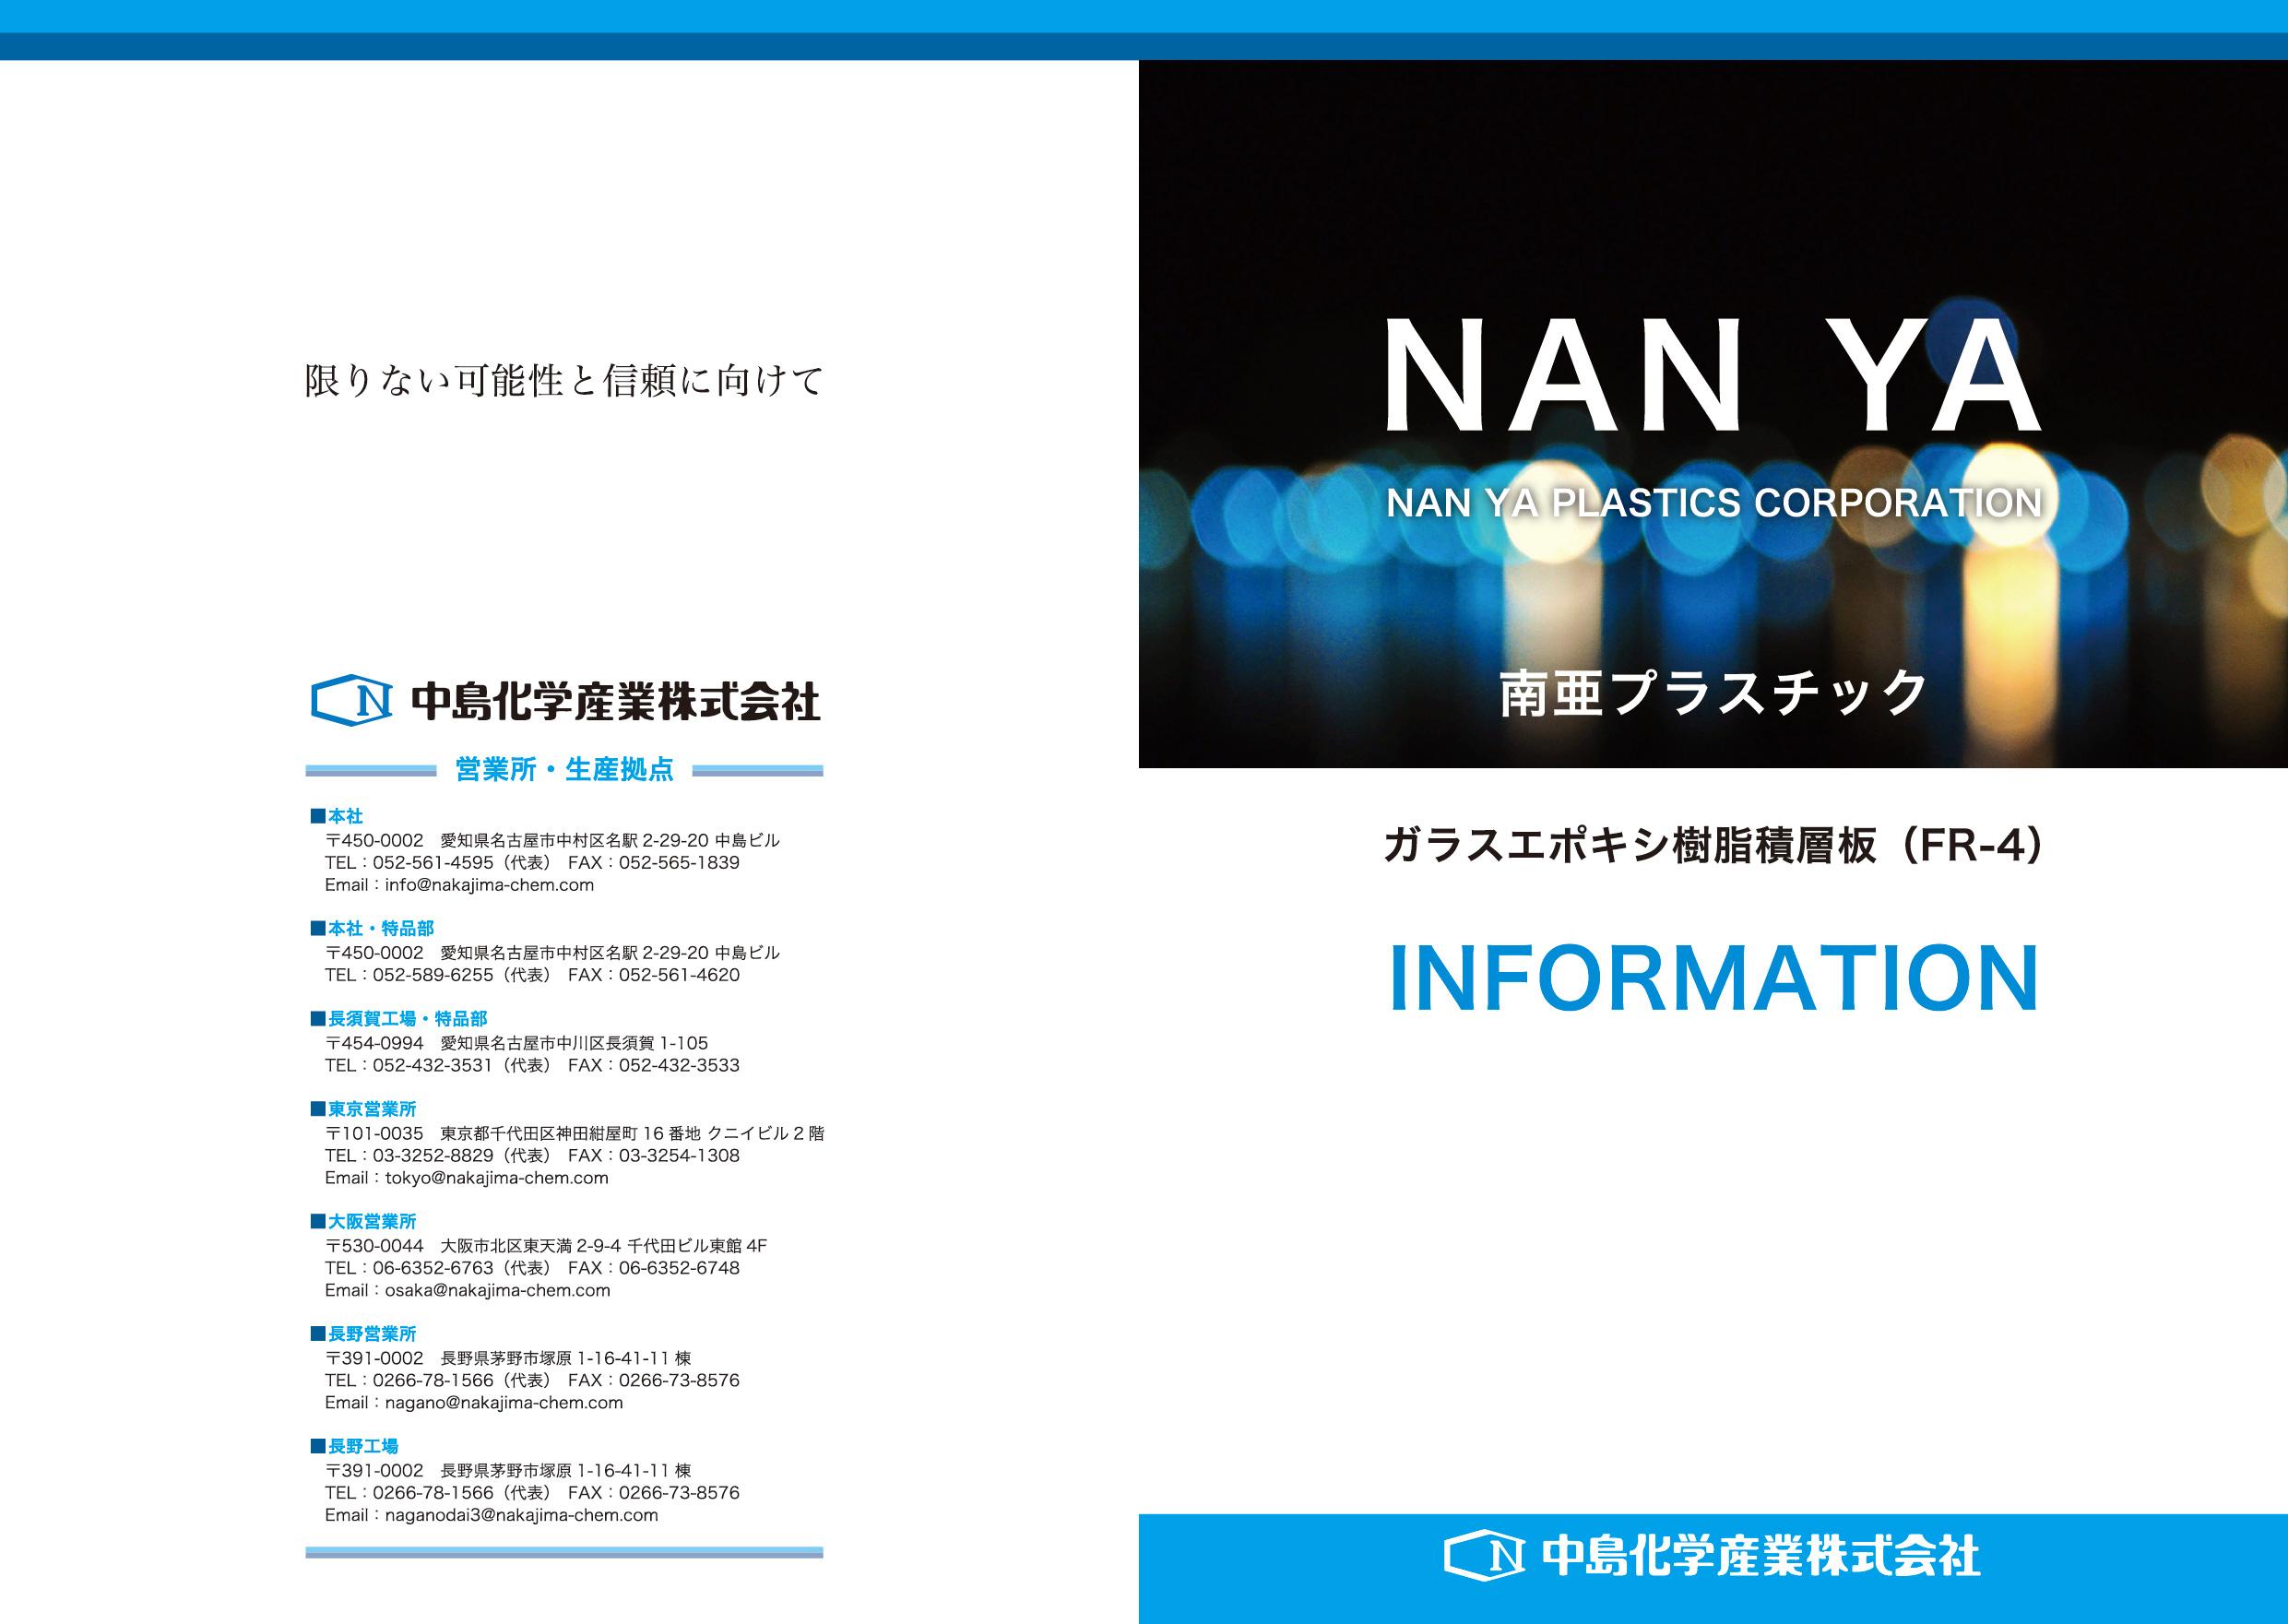 中島化学産業(株)様の会社案内パンフレット完成しました